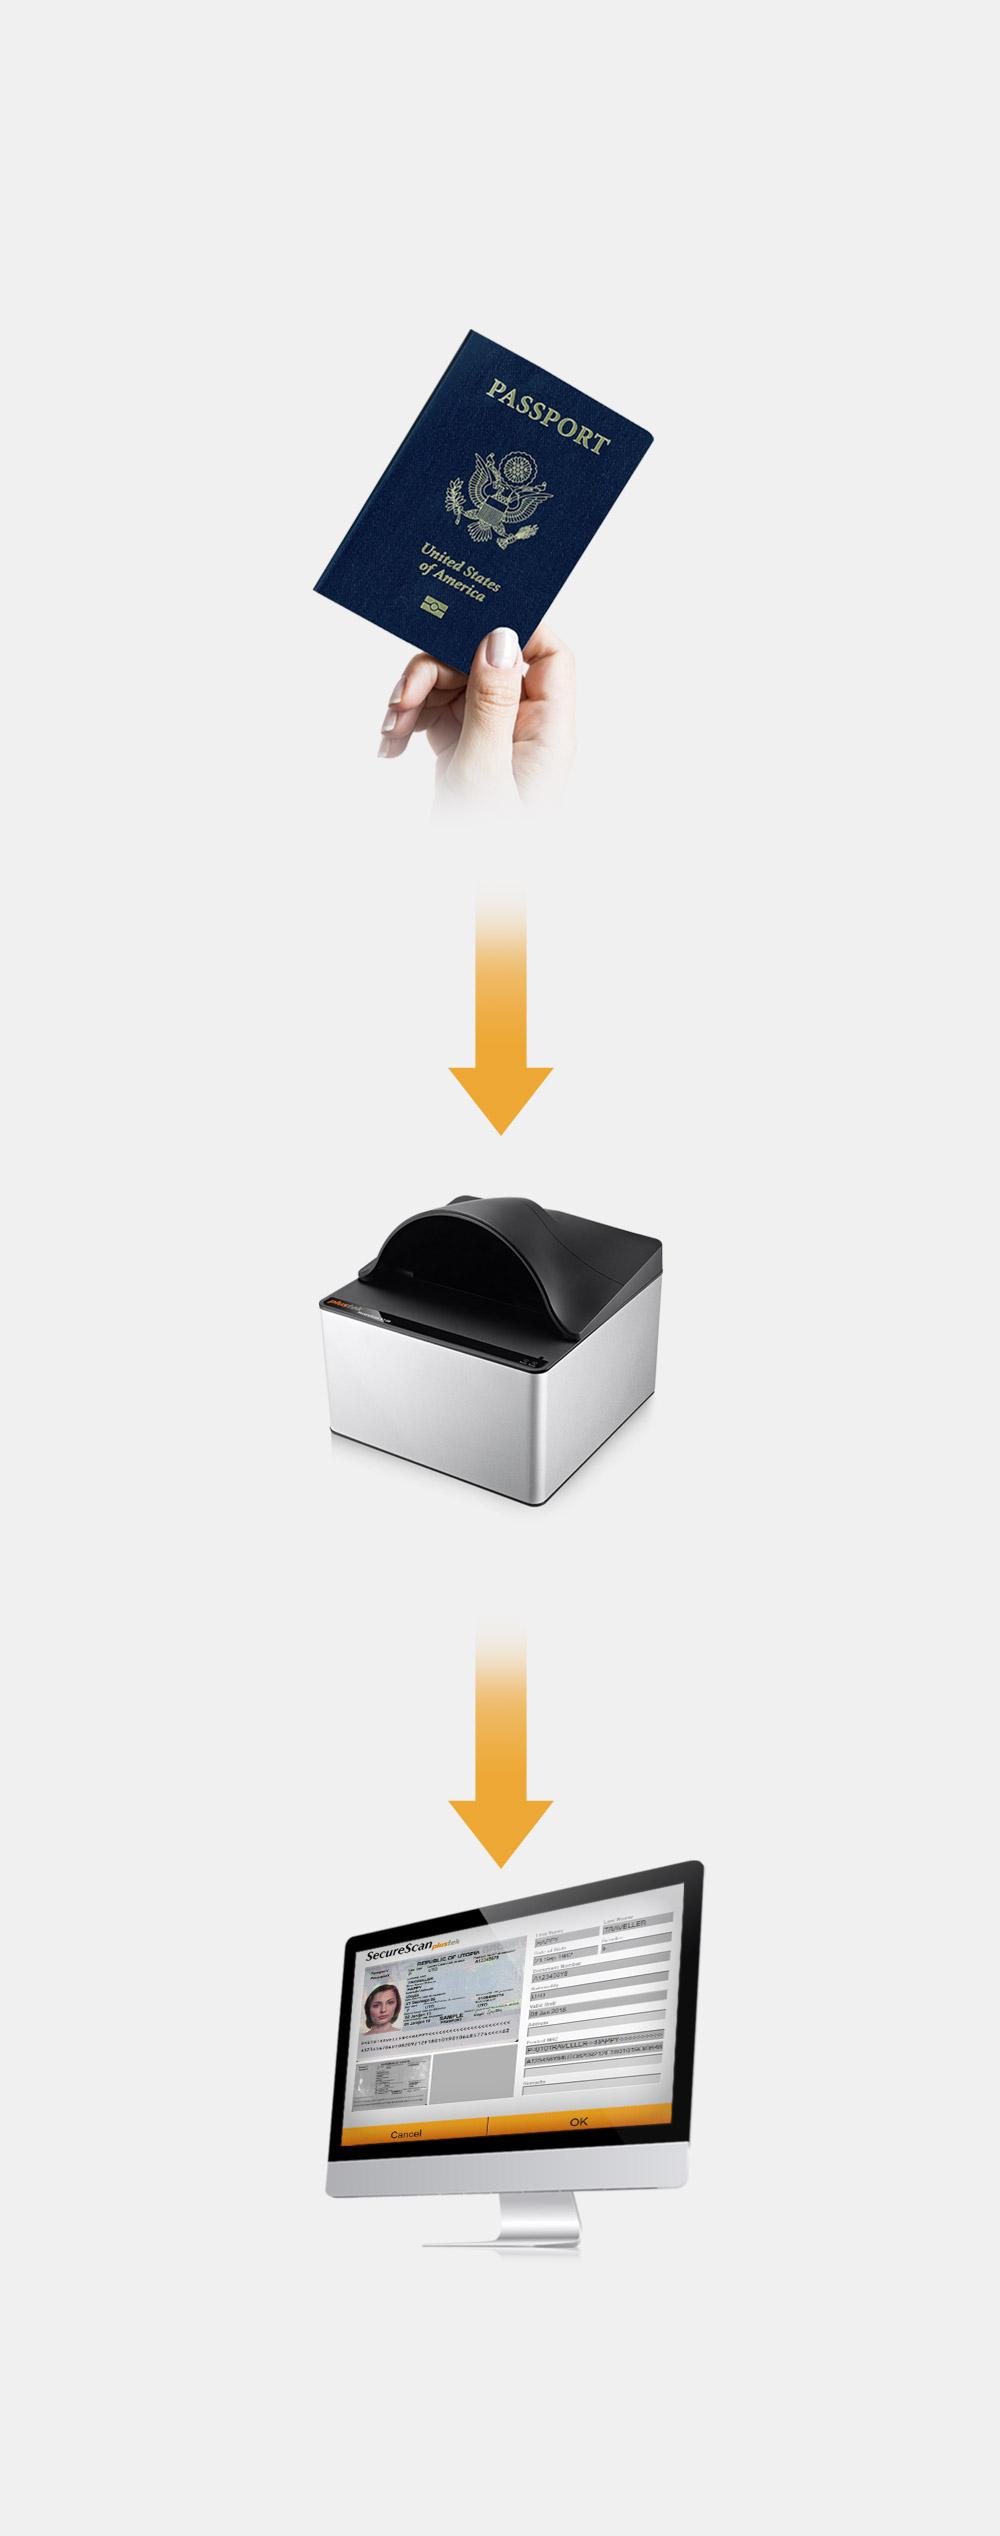 SecureScan X50